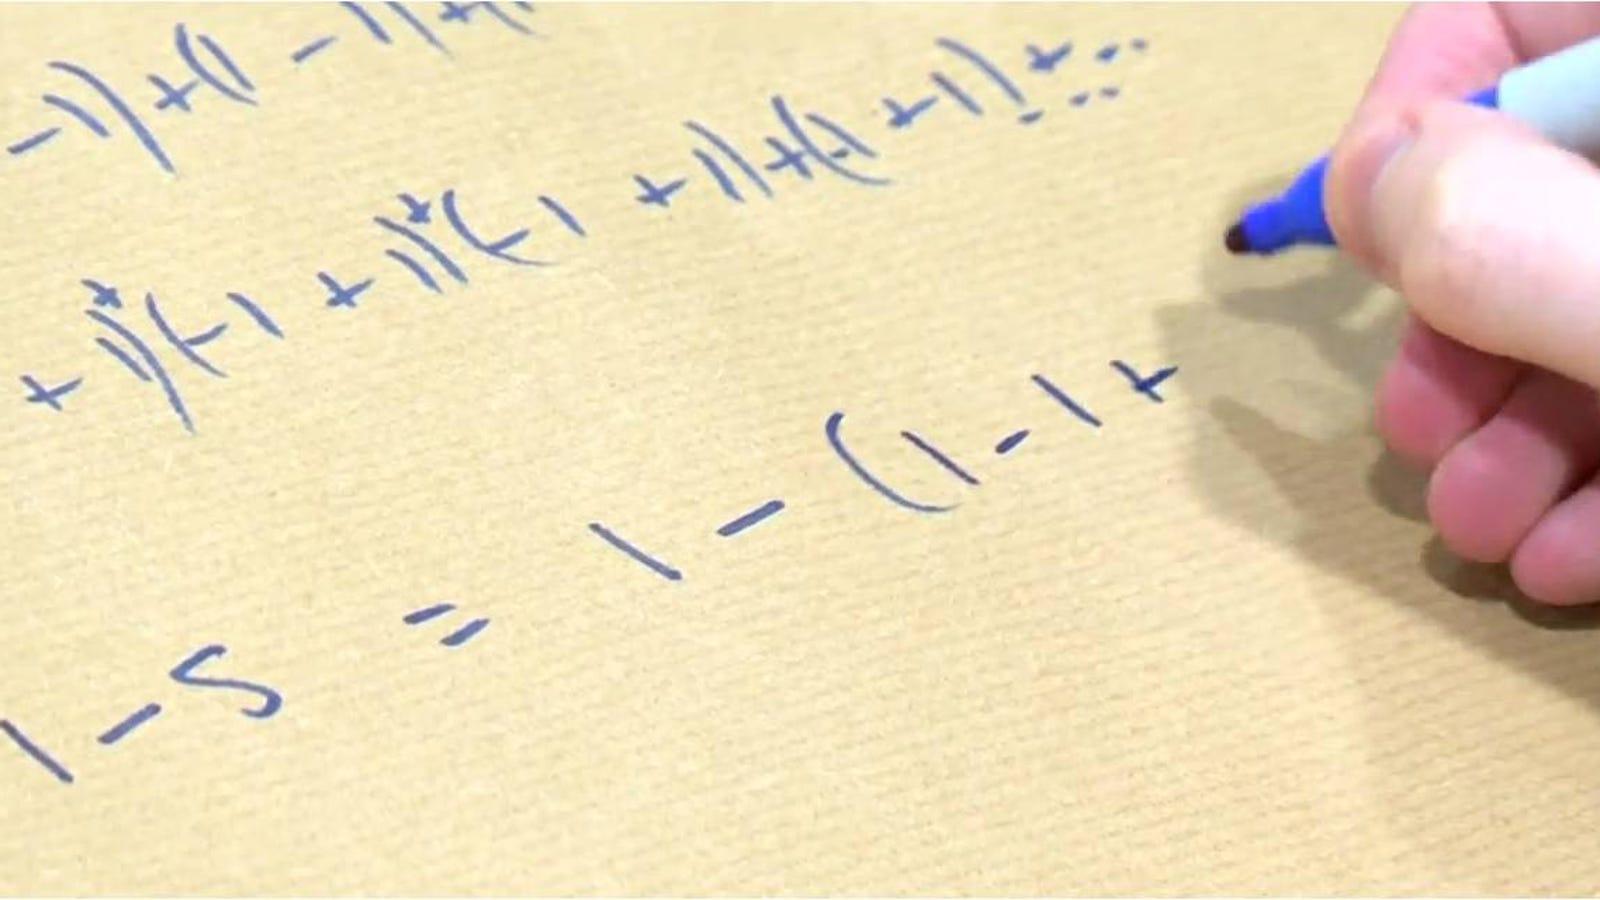 El truco matemático que te tendrá horas pensando